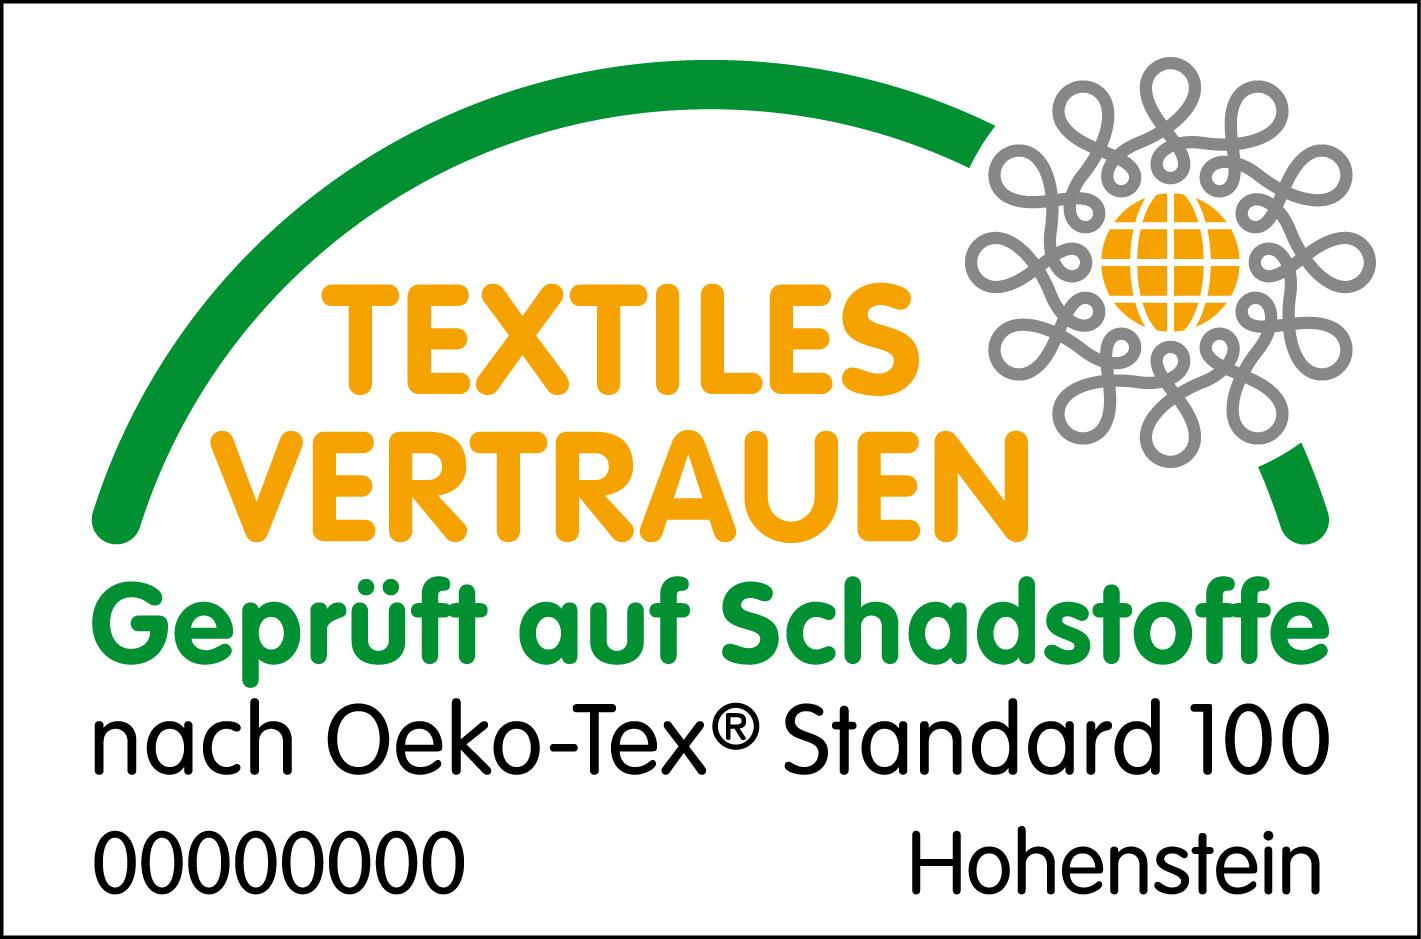 Der Oeko-Tex-Standard ist ein unabhängiges Prüf- und Zertifizierungssystem für Textilien aller Verarbeitungsstufen.